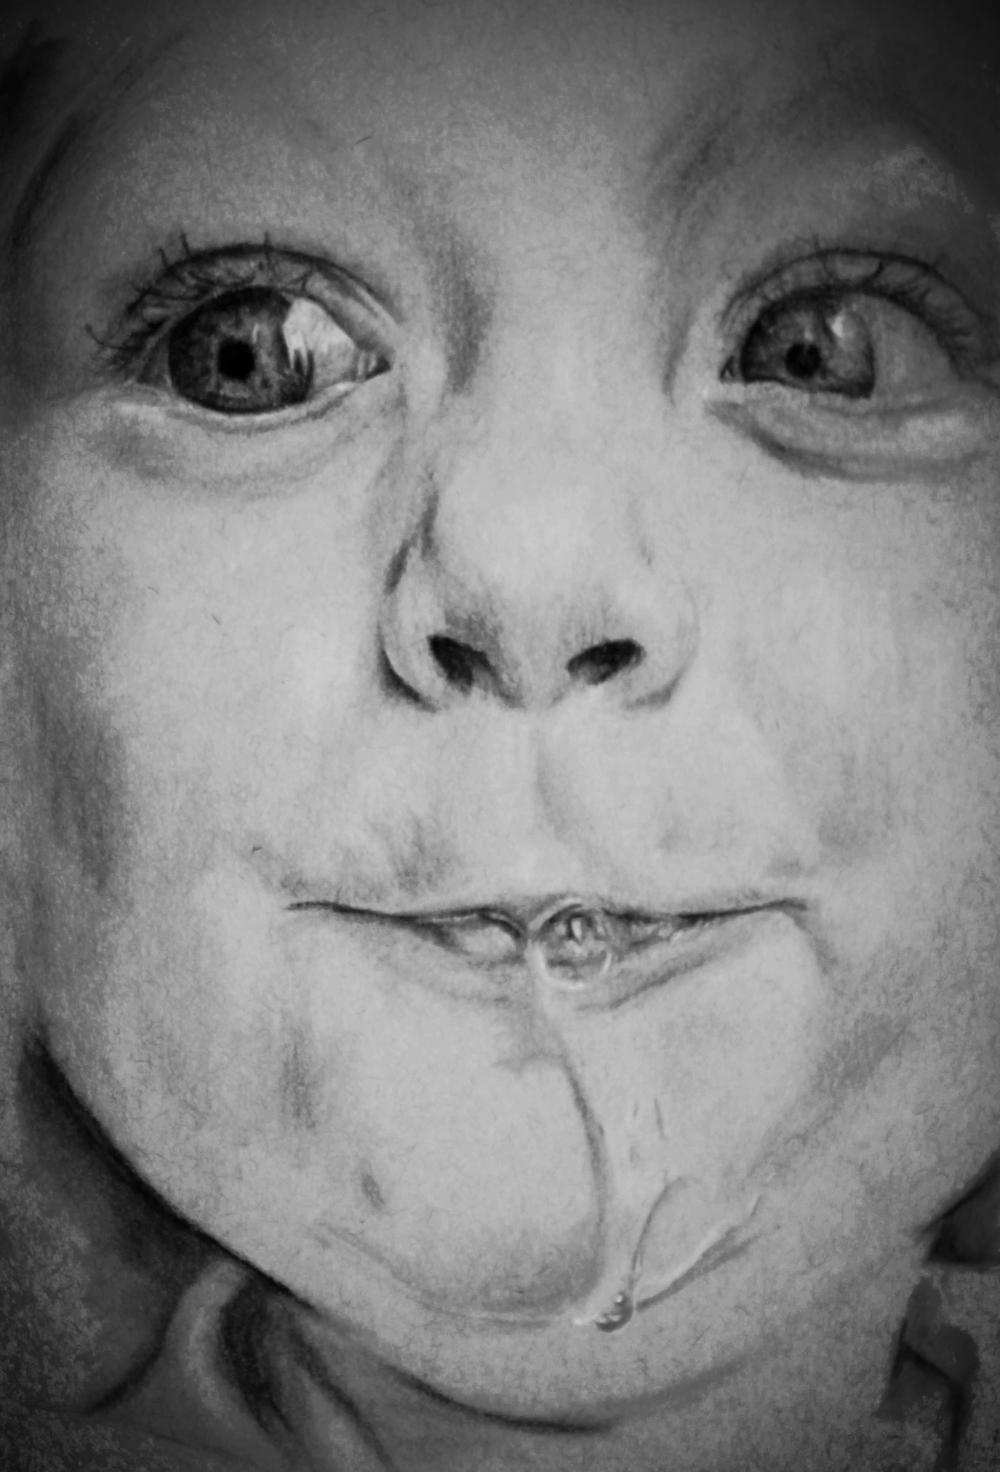 Spit bubble  sm.jpg